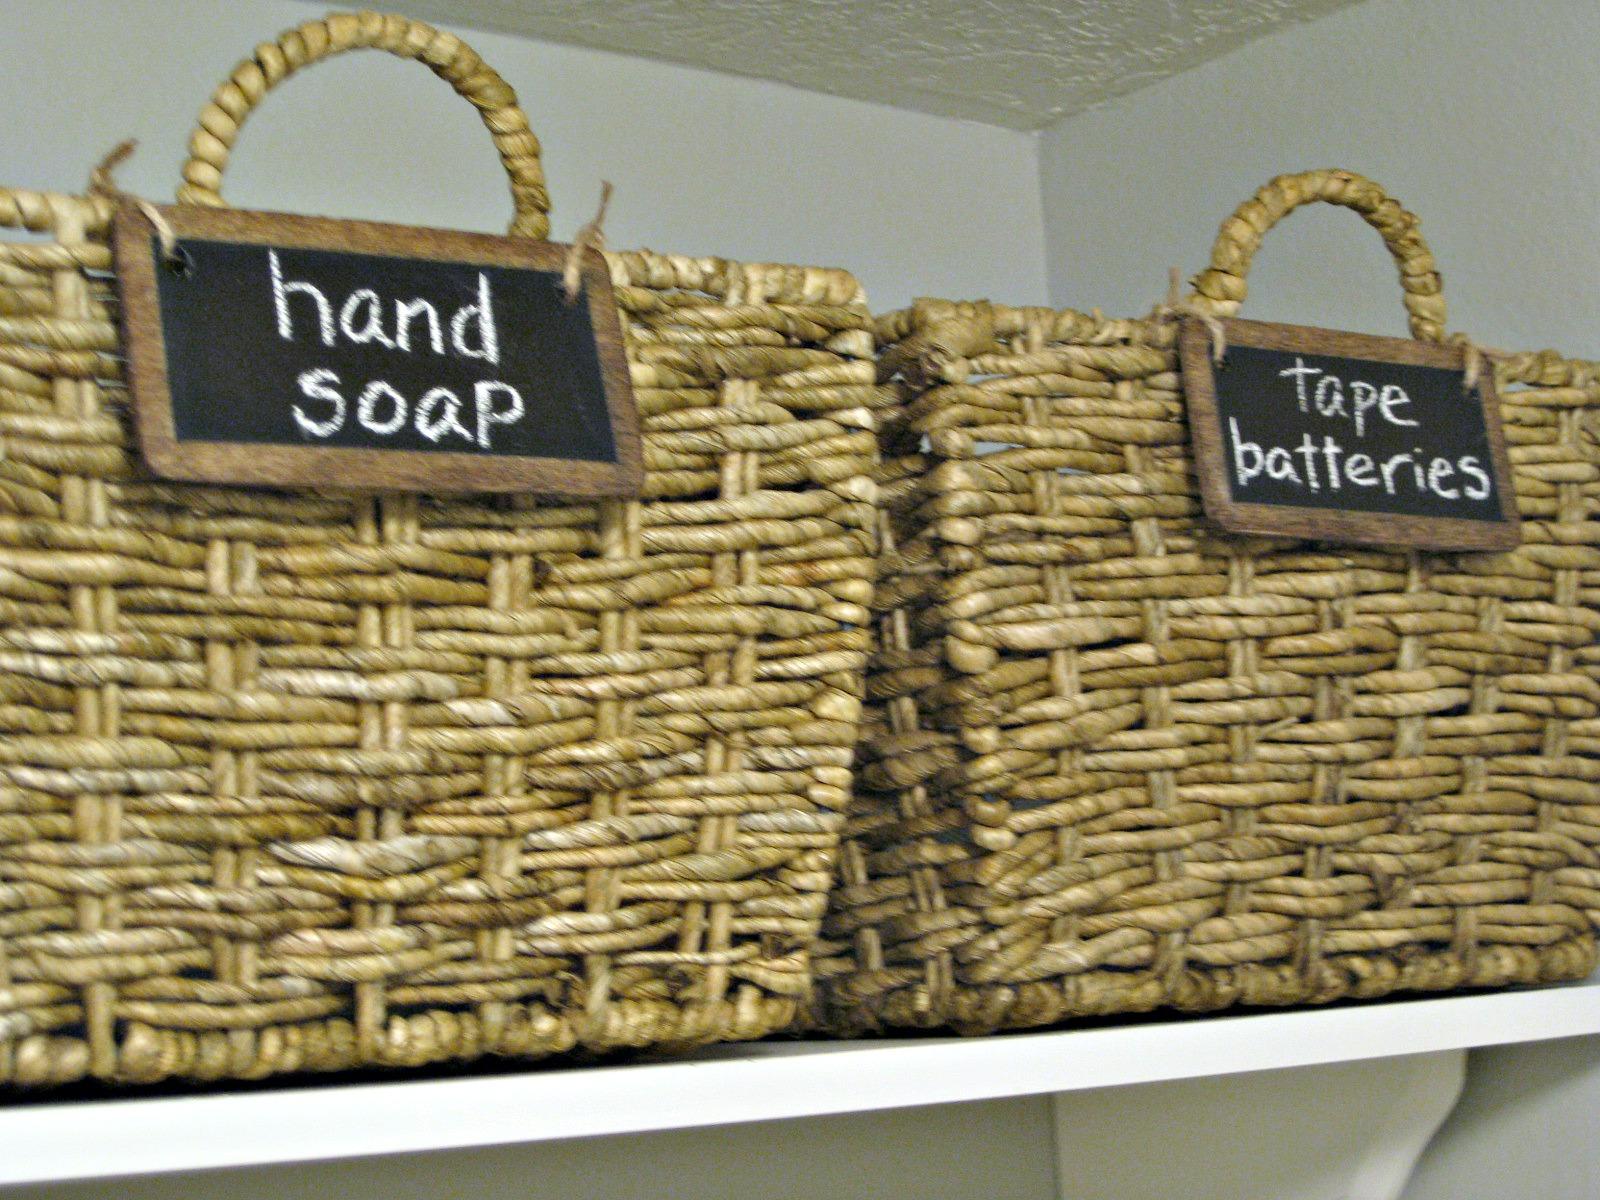 & TDA decorating and design: Chalkboard Basket Labels Tutorial